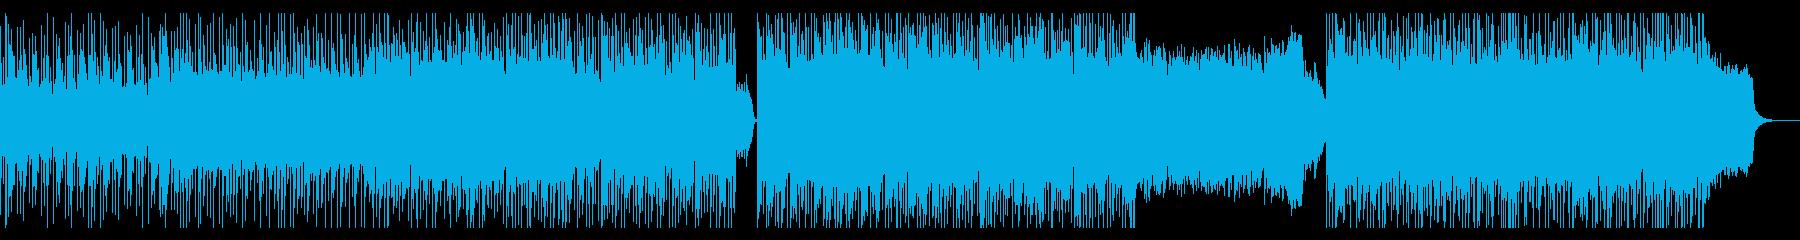 ピアノメインのノリのいい曲の再生済みの波形